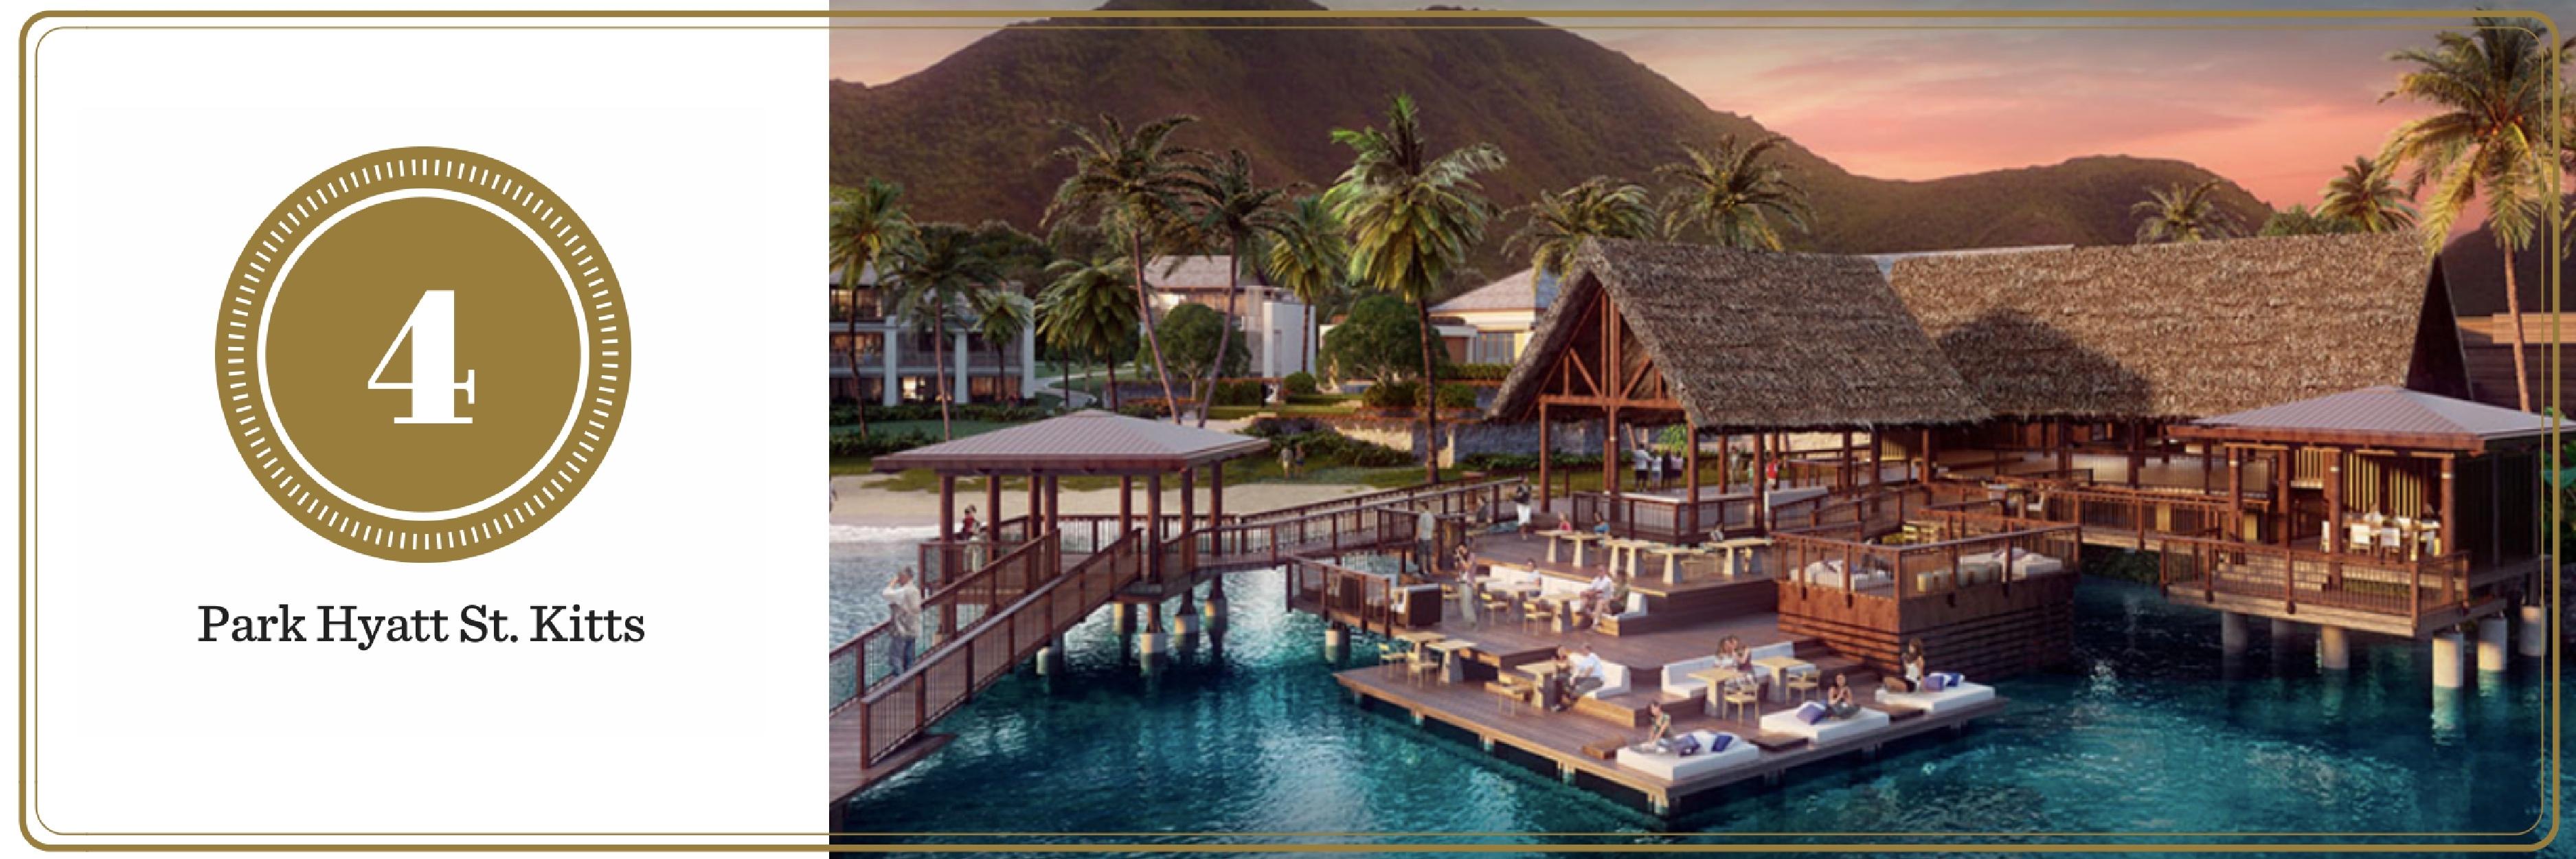 Hyatt - Park Hyatt St. Kitts